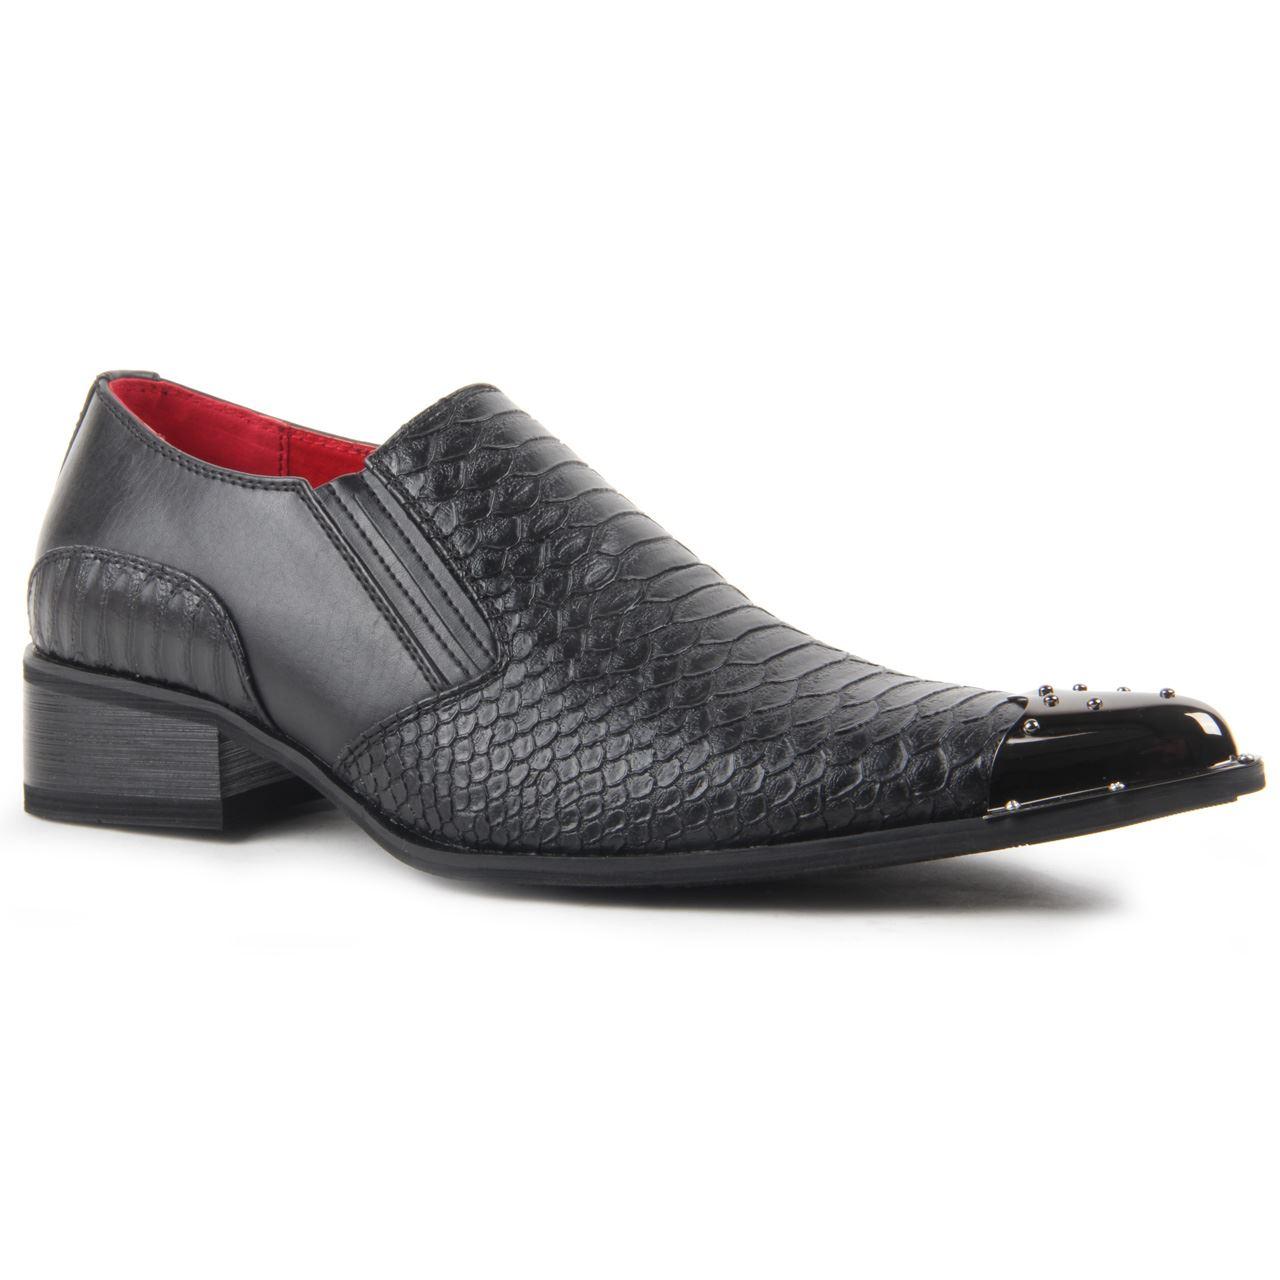 Croc Skin Dress Shoes